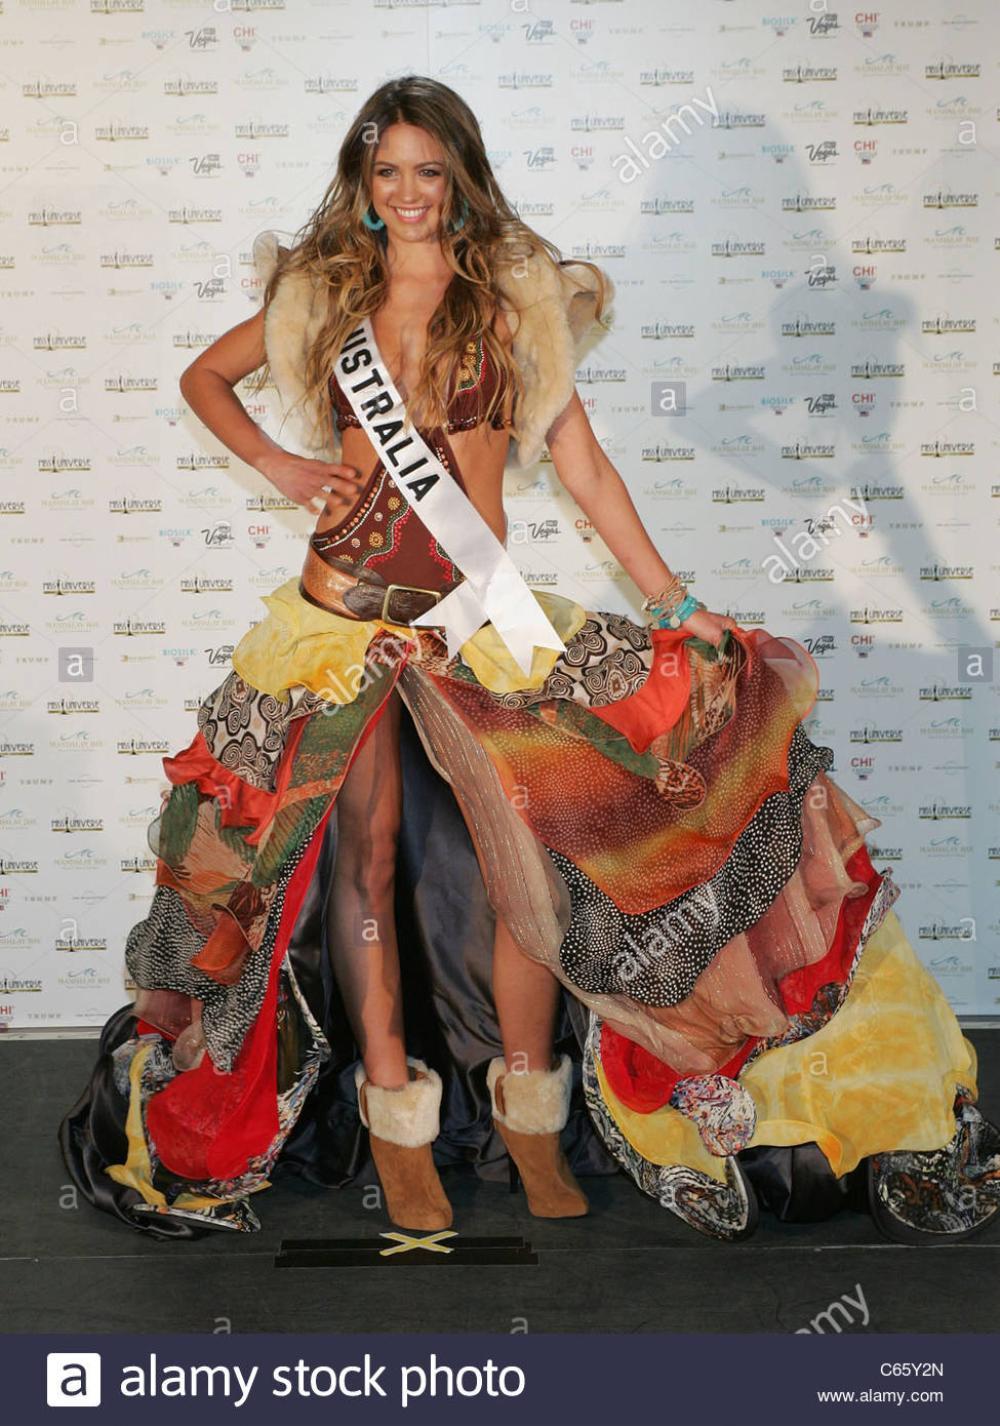 Trang phục dân tộc bị tẩy chay ở Miss Universe: Bộ như phim 18+, bộ vi phạm luật pháp Ảnh 2